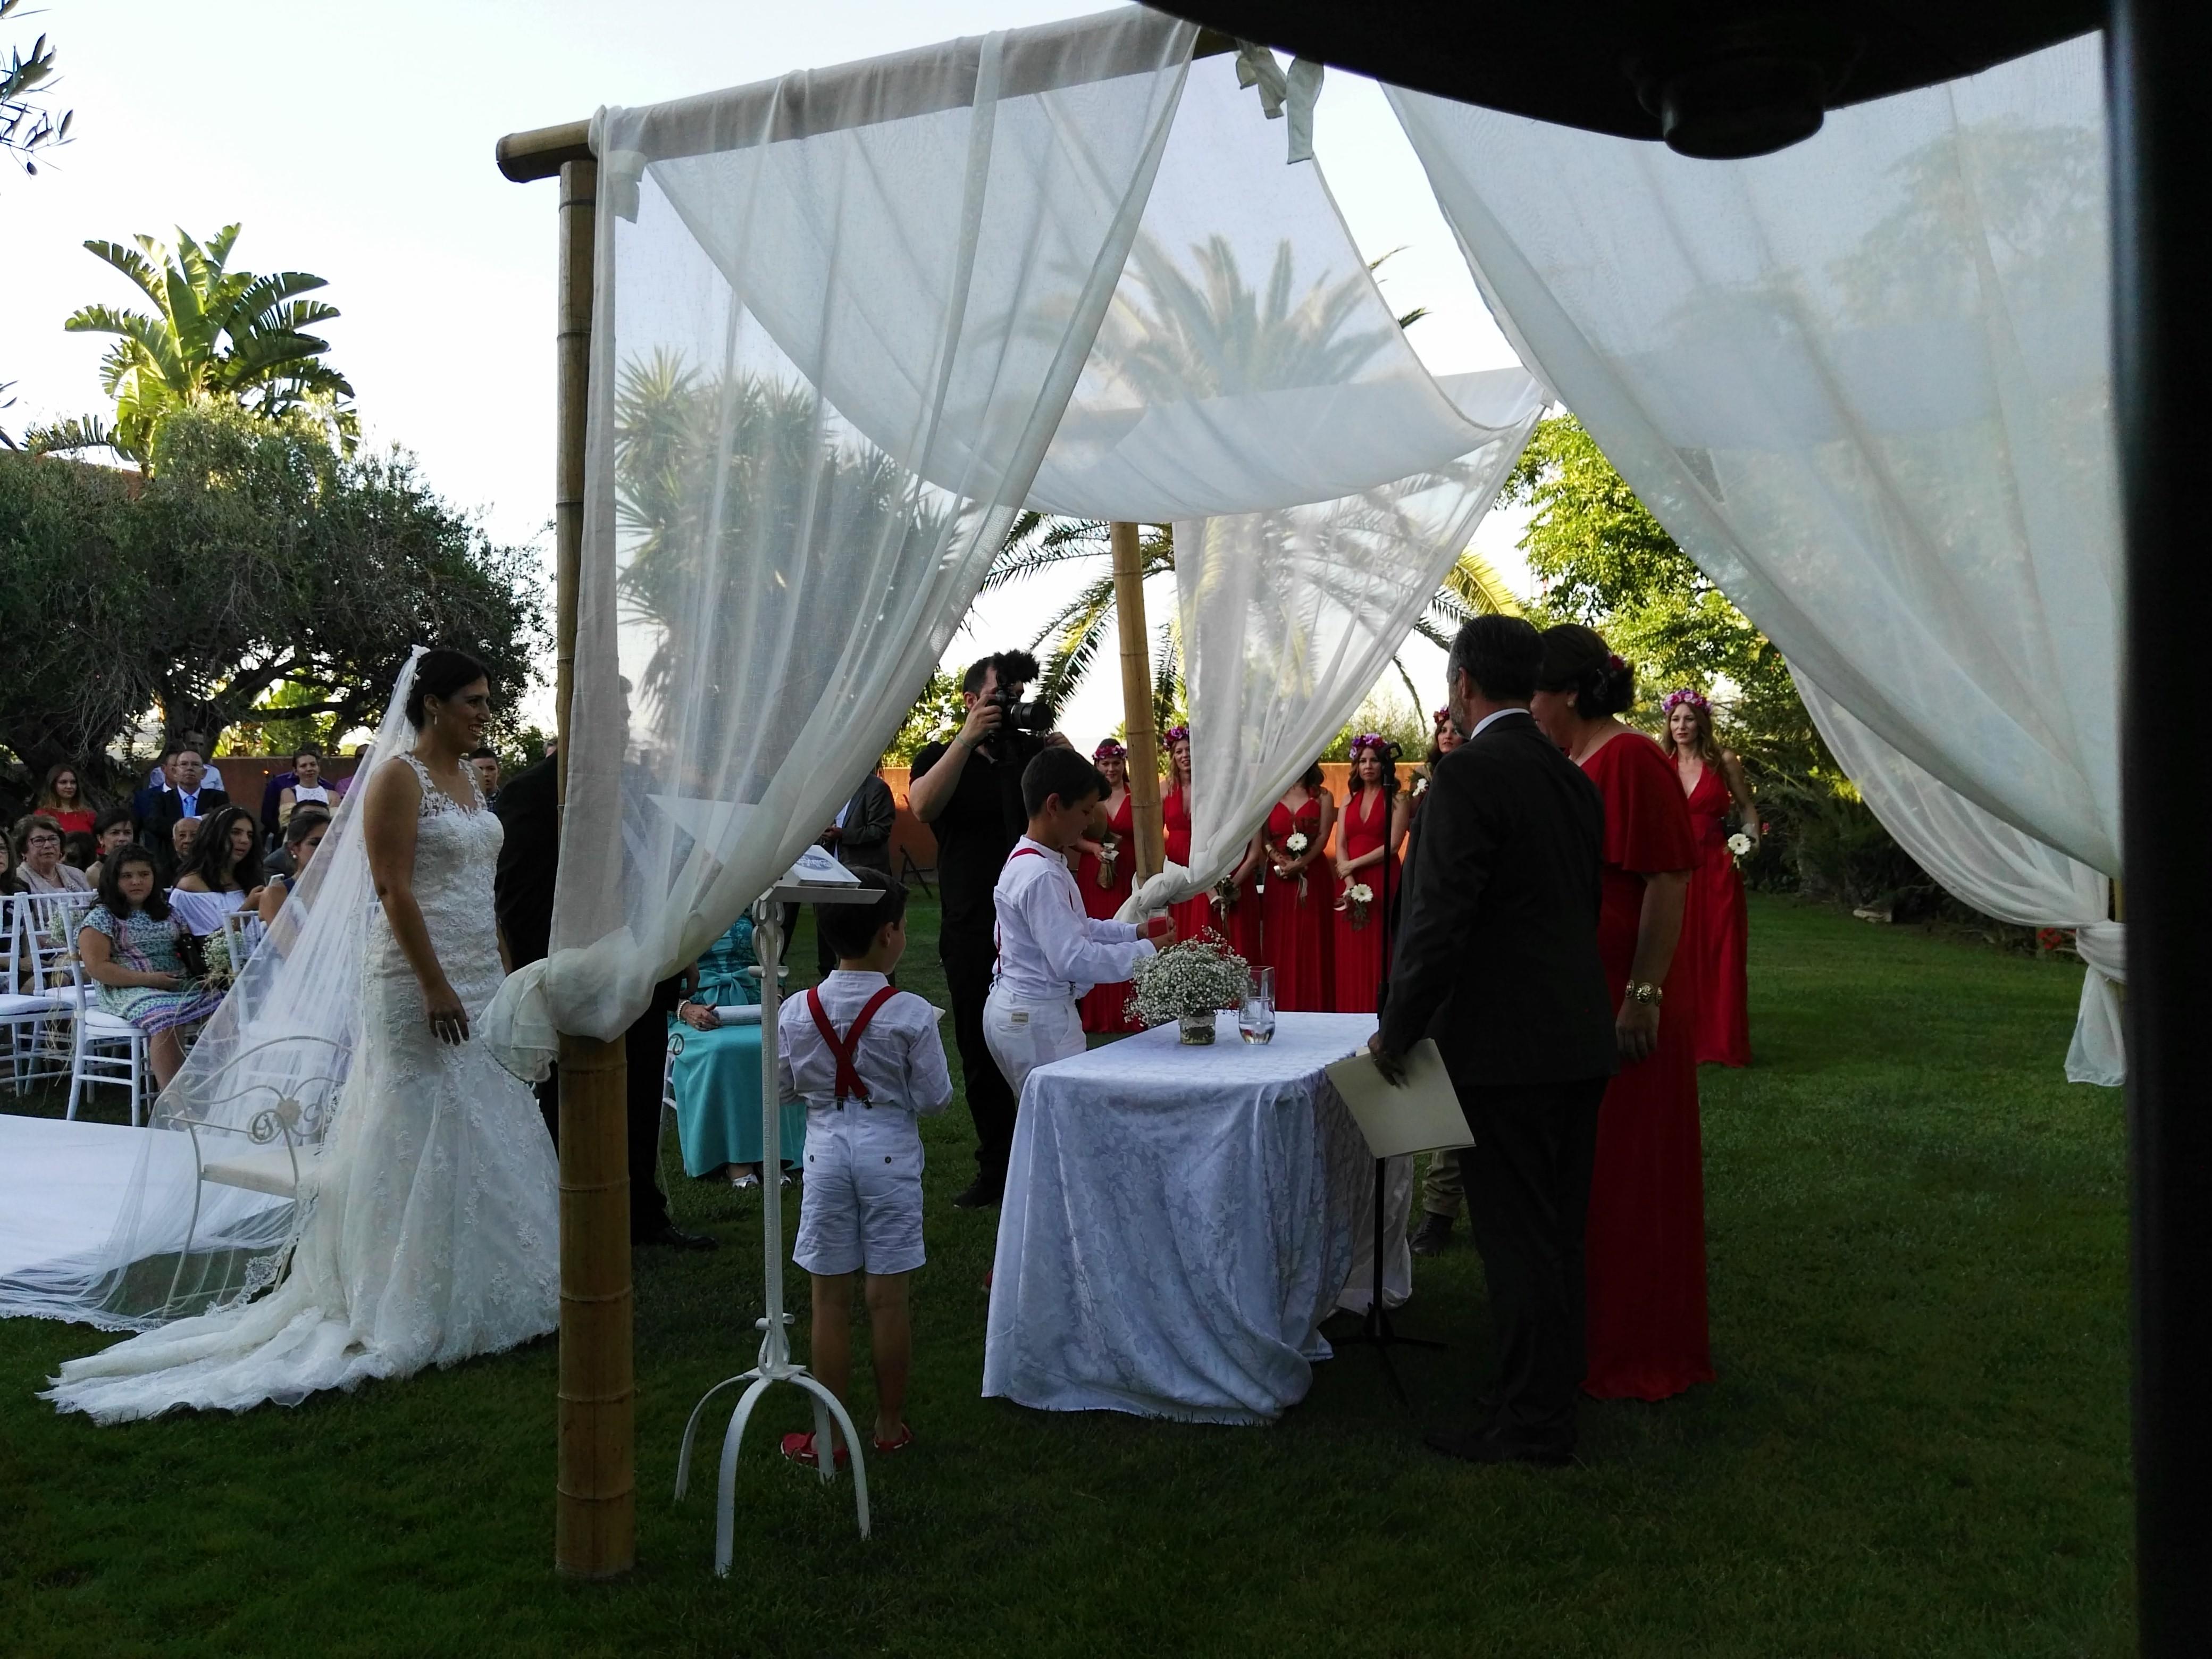 Ceremonia-de-boda-civil-en-Finca-Palo-Verde-Alhaurin-de-la-Torre-Malaga-F0-7